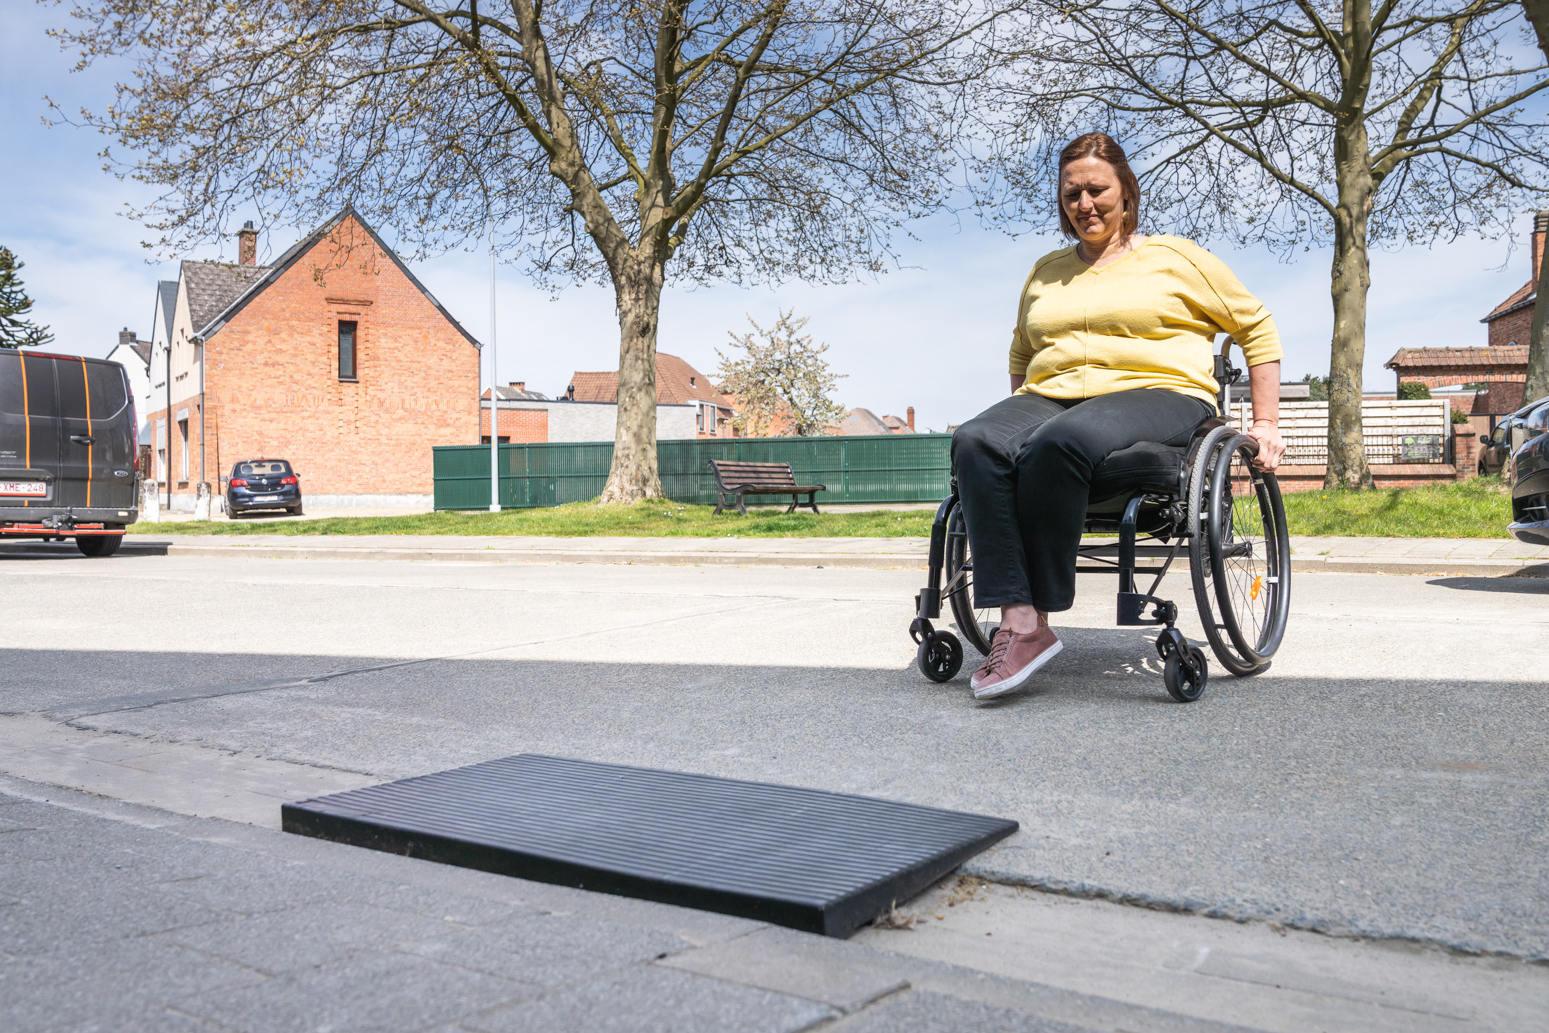 aanpassingen voor uw rolstoelgebruik of scooter door Orthoservice